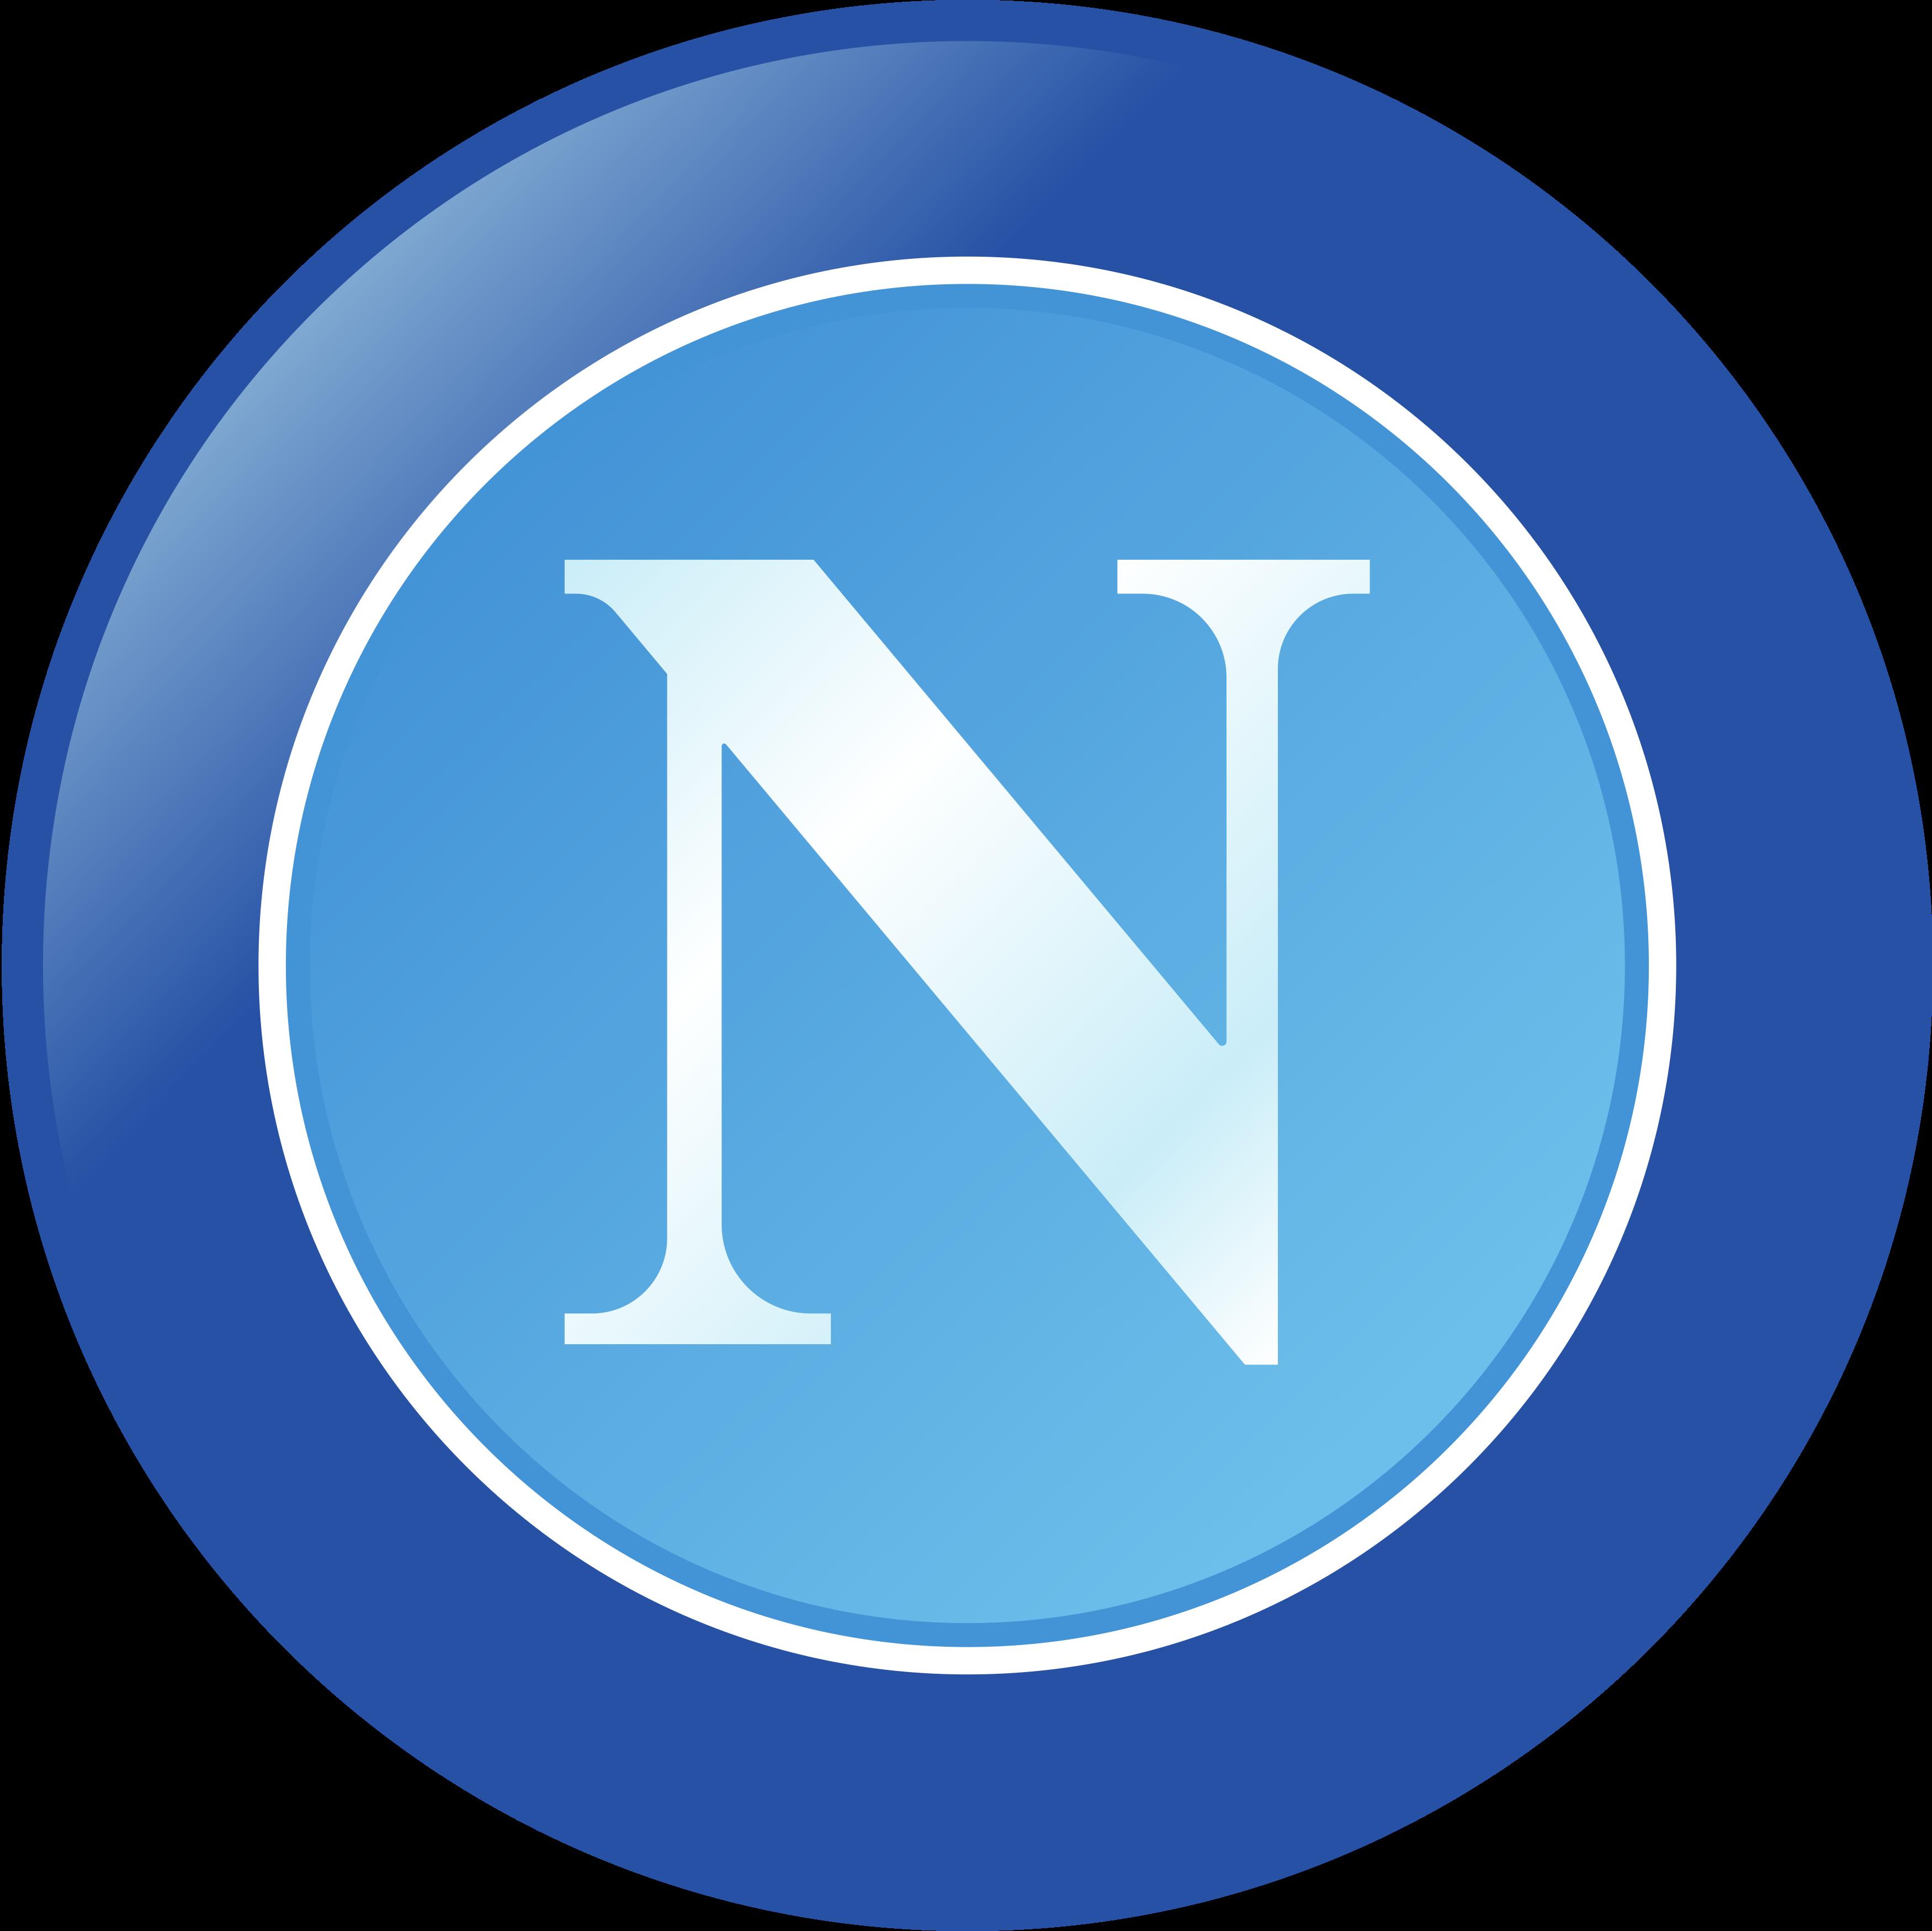 Napoli Logo.